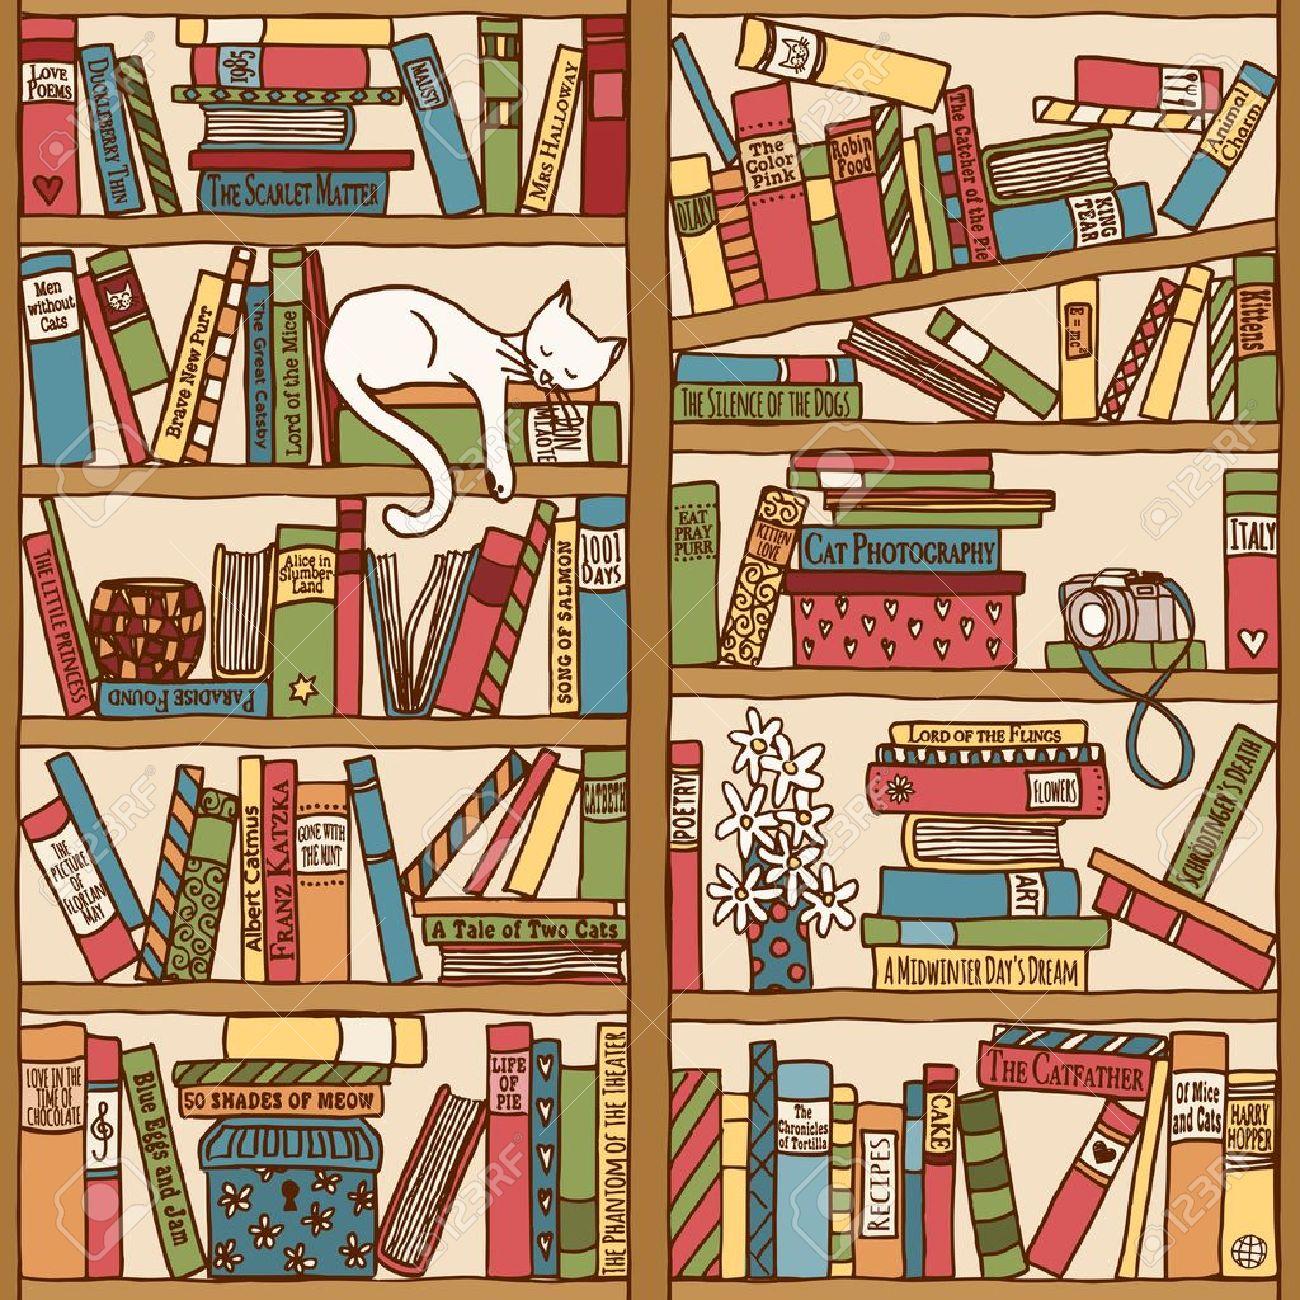 Bücherregal gezeichnet  Hand Gezeichnet Bücherregal Mit Schlafende Katze Lizenzfrei ...